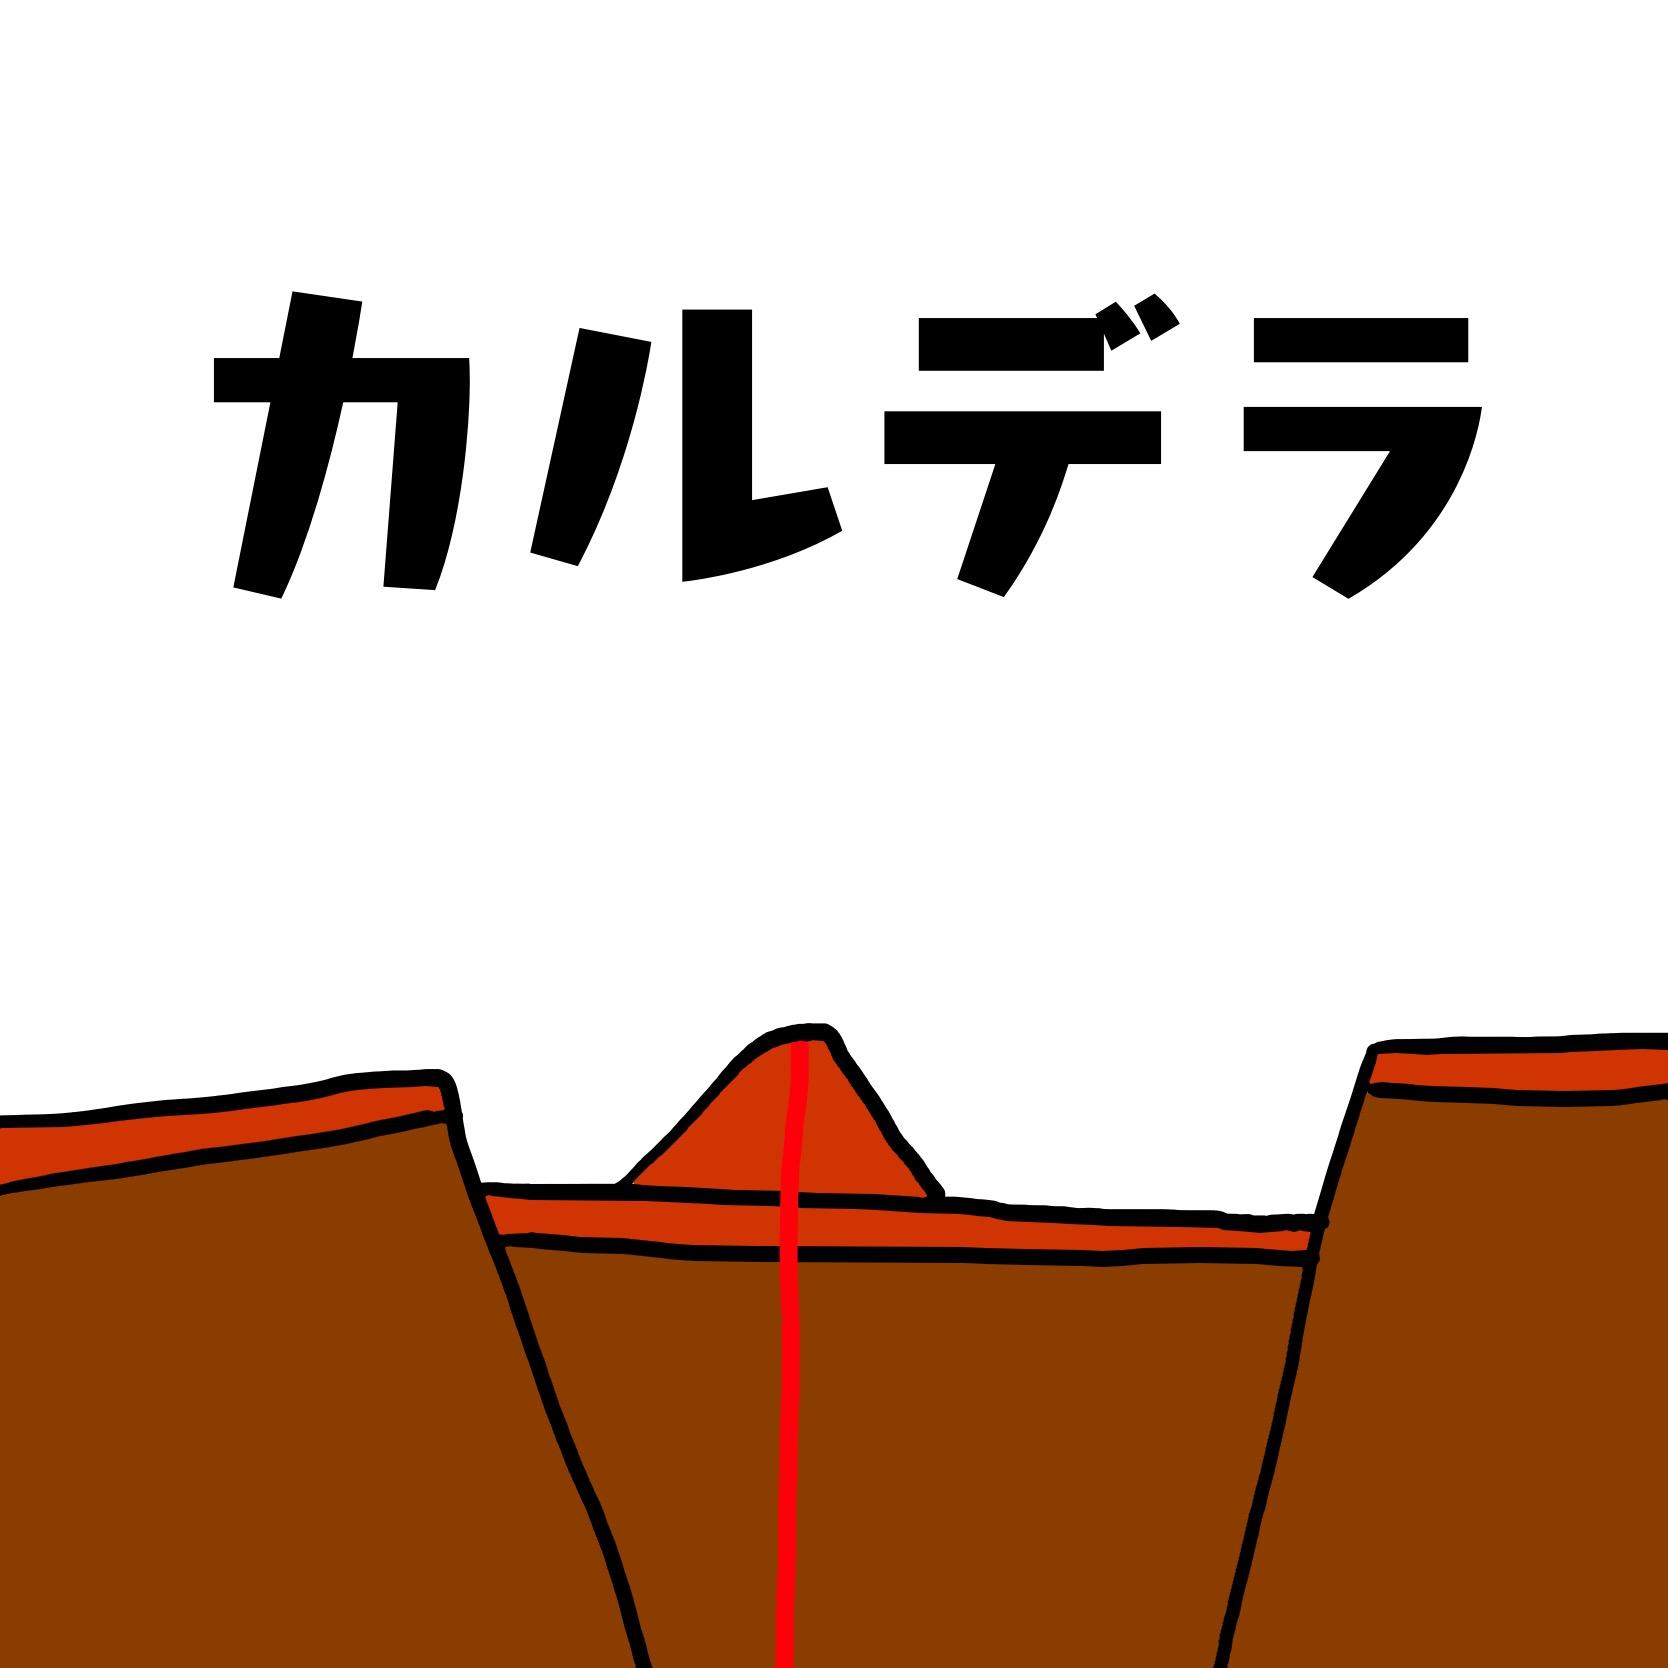 単成火山と複成火山 ちがくたす